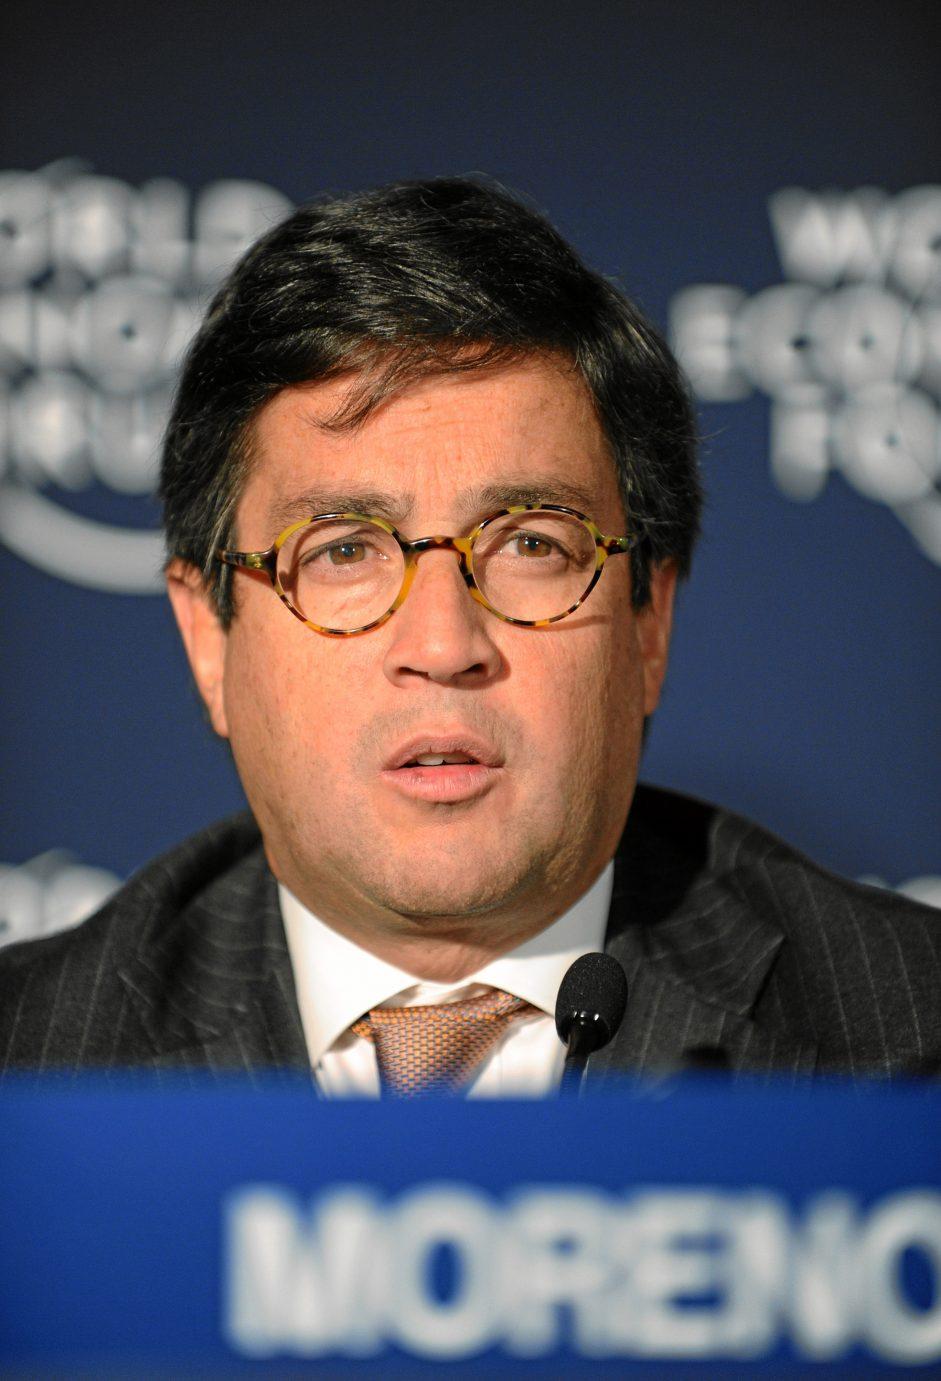 Discurso Luis Alberto Moreno, despedida del BID. Palabras sobre Álvaro Uribe Vélez